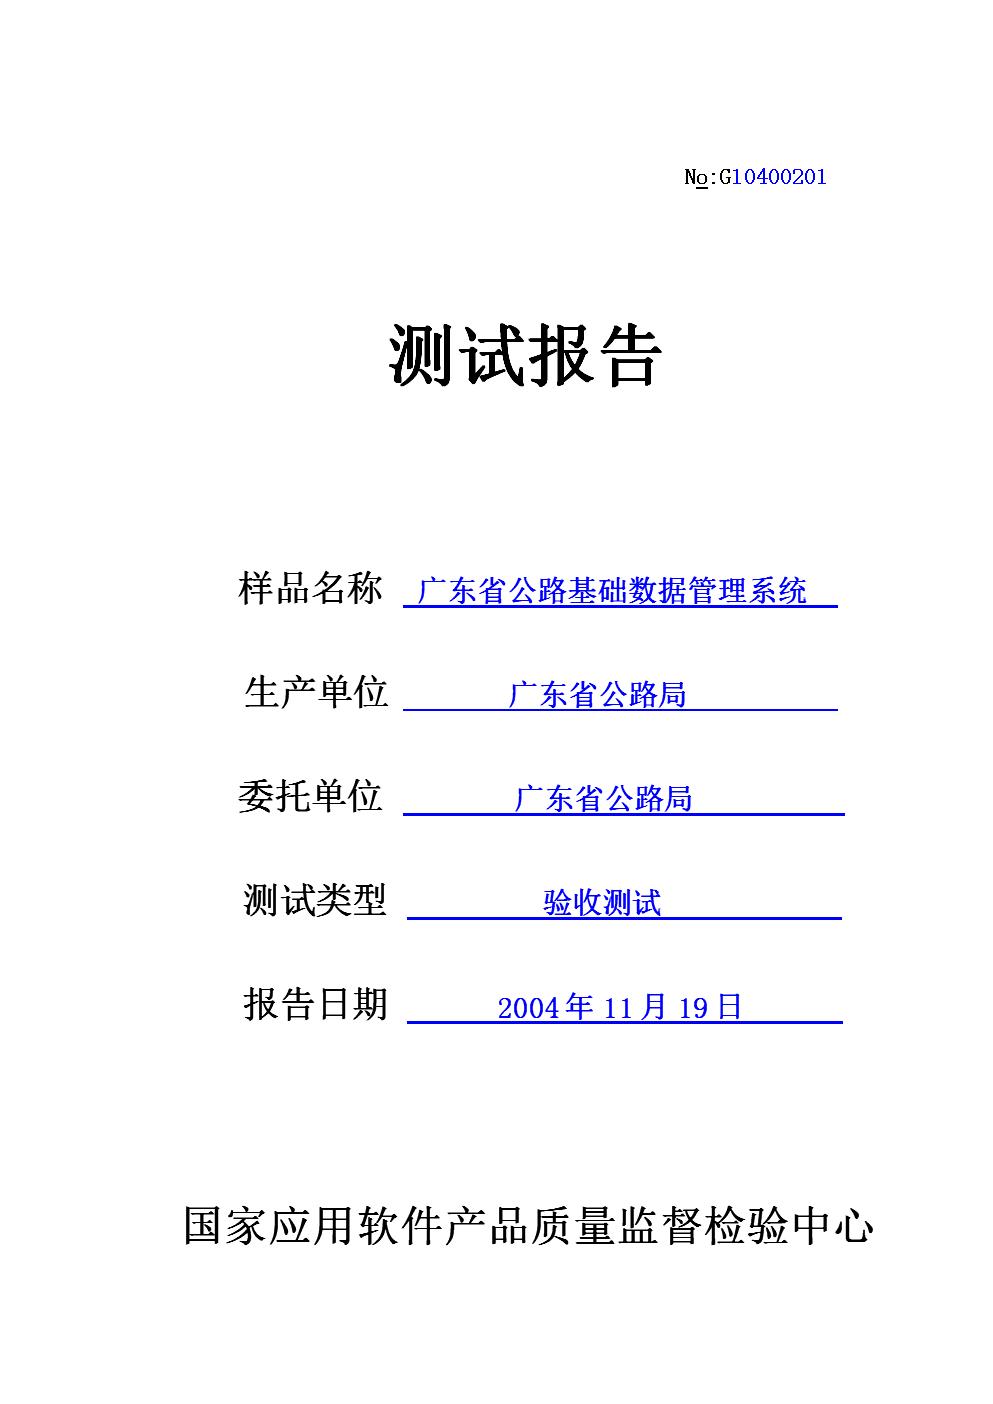 JW06M13验收测试报告模板.doc